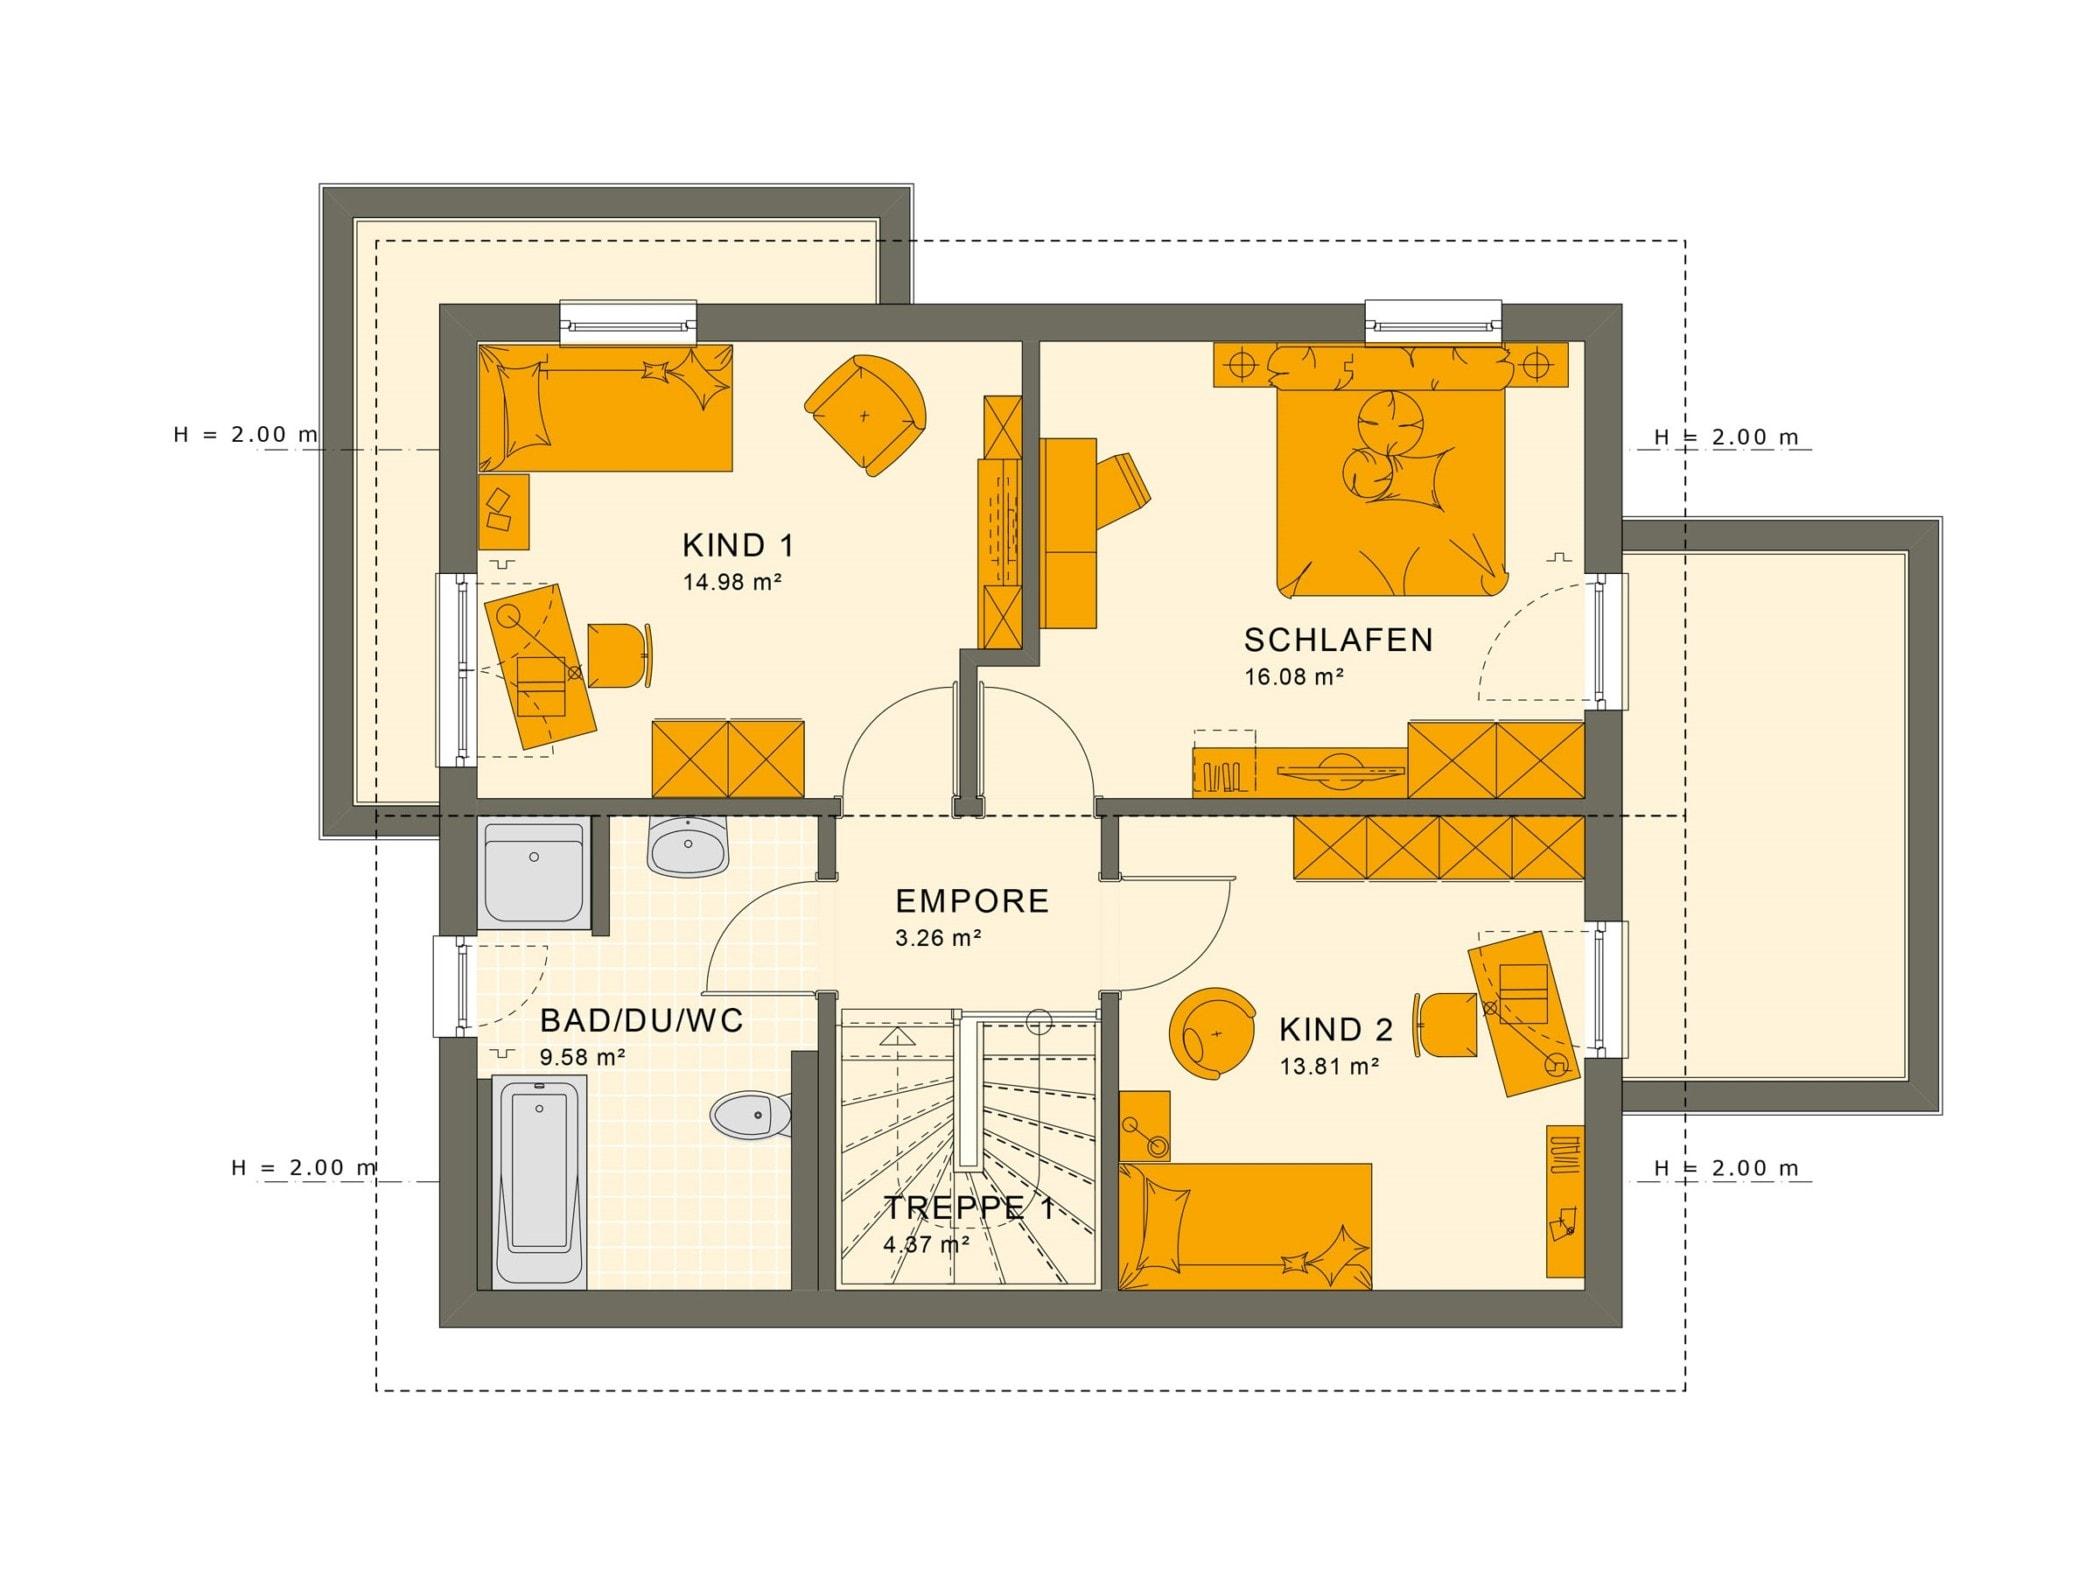 Grundriss Einfamilienhaus Obergeschoss mit Satteldach - Fertighaus Living Haus SUNSHINE 125 V5 - HausbauDirekt.de